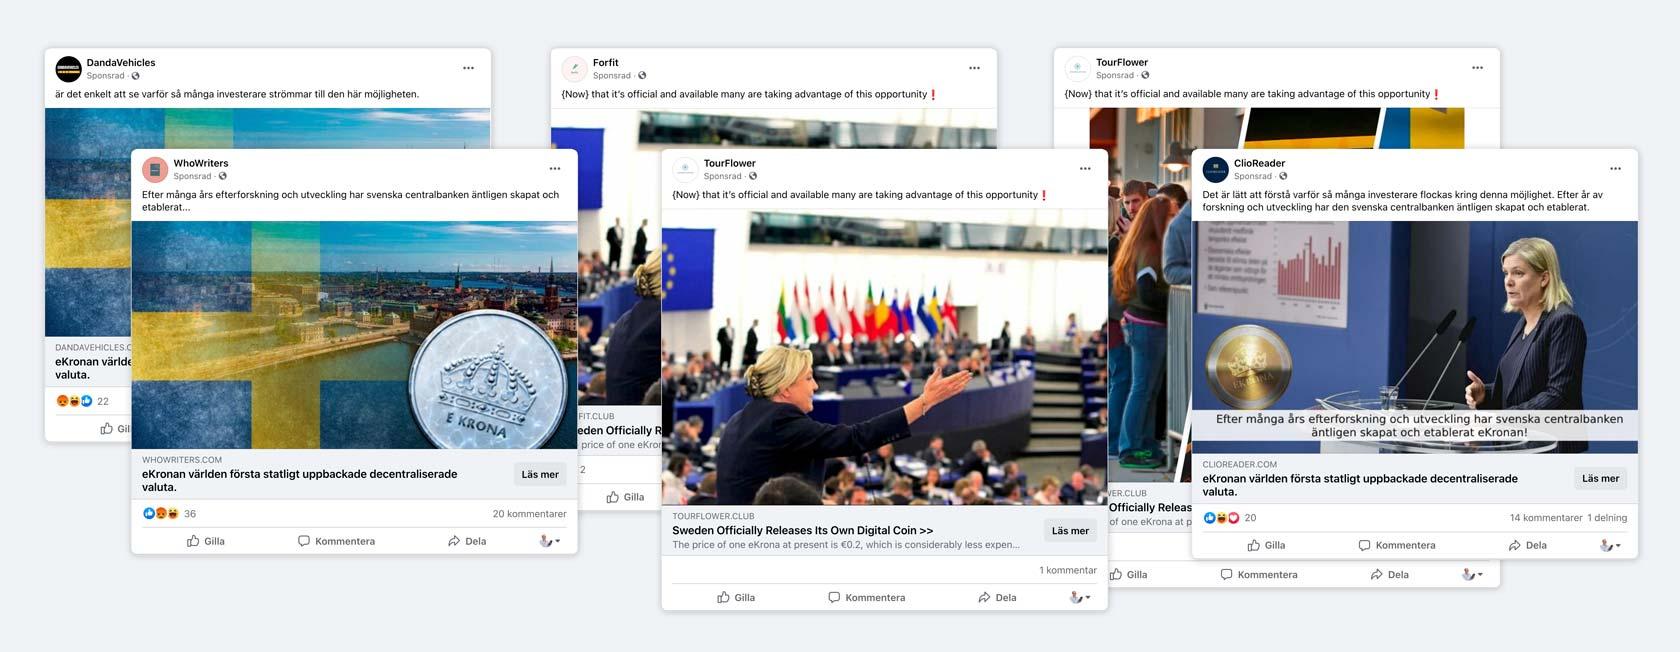 Urval av bedrägeriannonser på Facebook